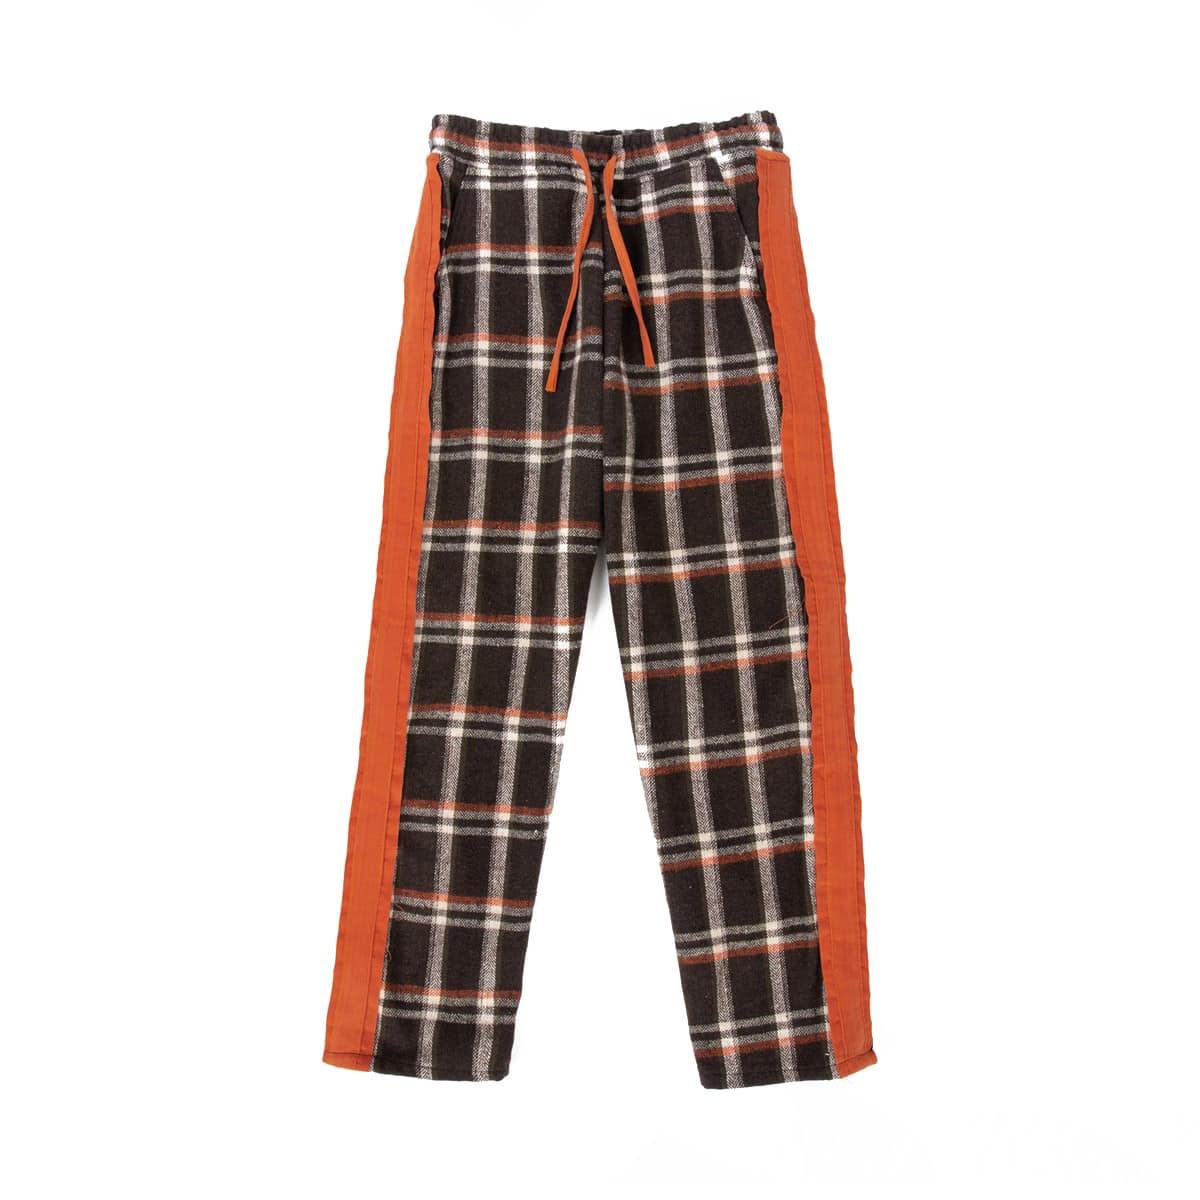 Cozy Check Pajamas (orange)